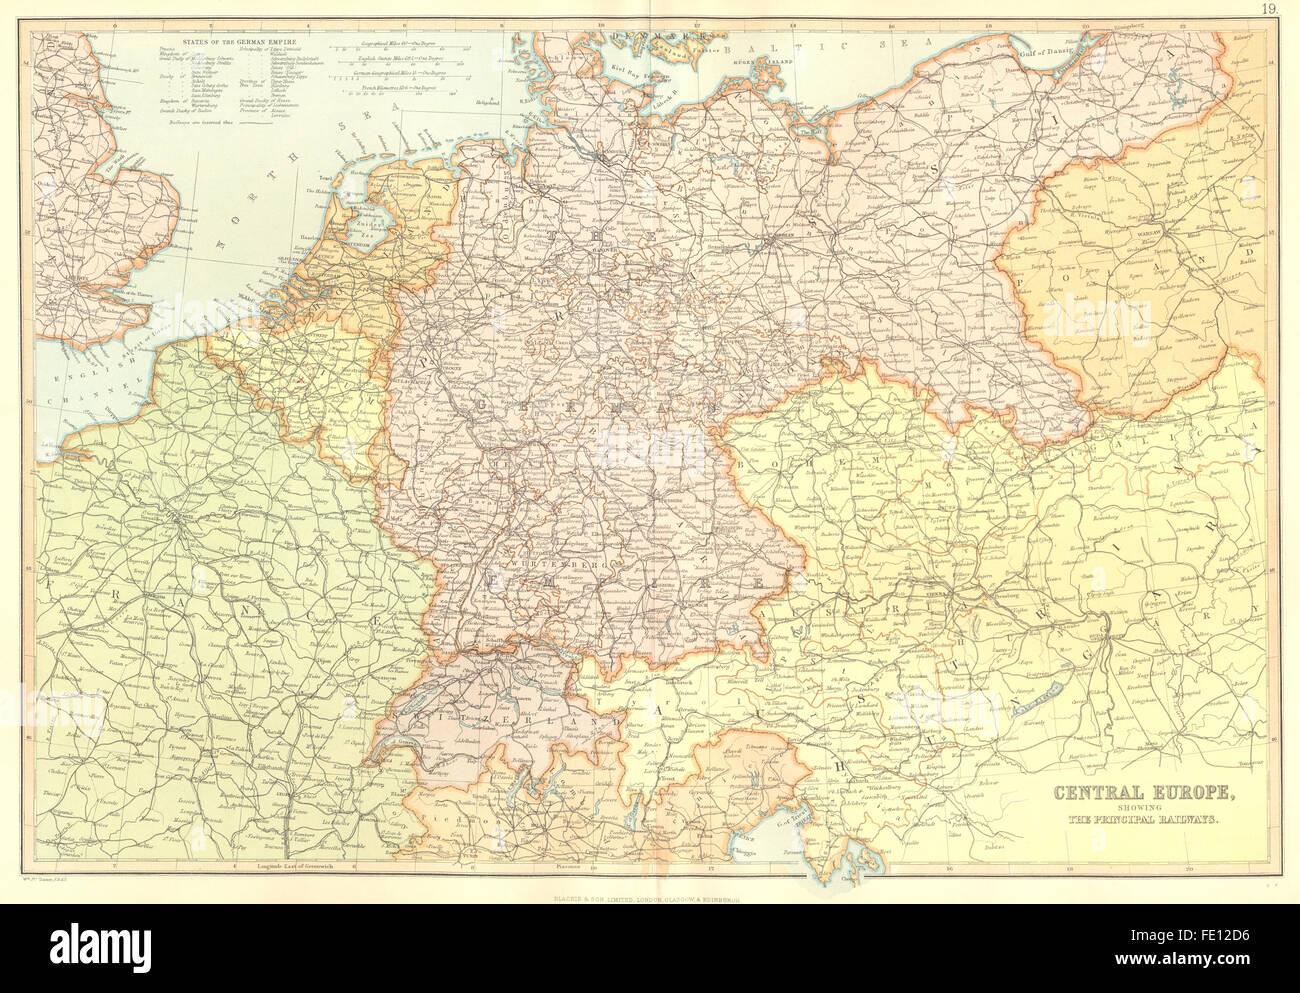 Karte Süddeutschland österreich Schweiz.Eisenbahnen In Mitteleuropa Deutschland Polen österreich Schweiz